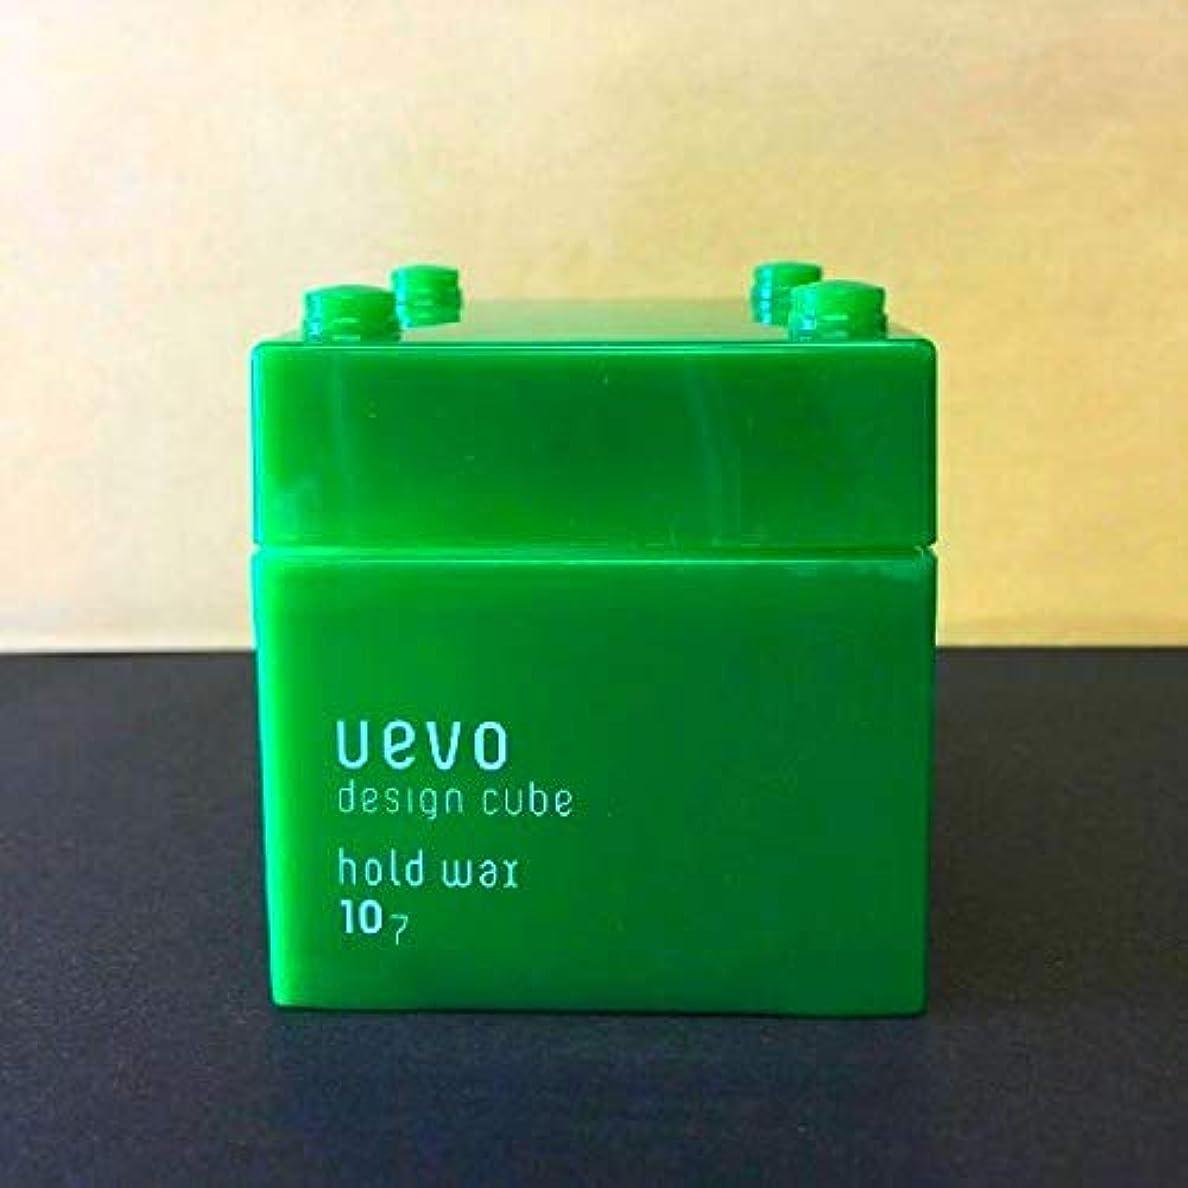 砲兵革命的ビクター【X3個セット】 デミ ウェーボ デザインキューブ ホールドワックス 80g hold wax DEMI uevo design cube